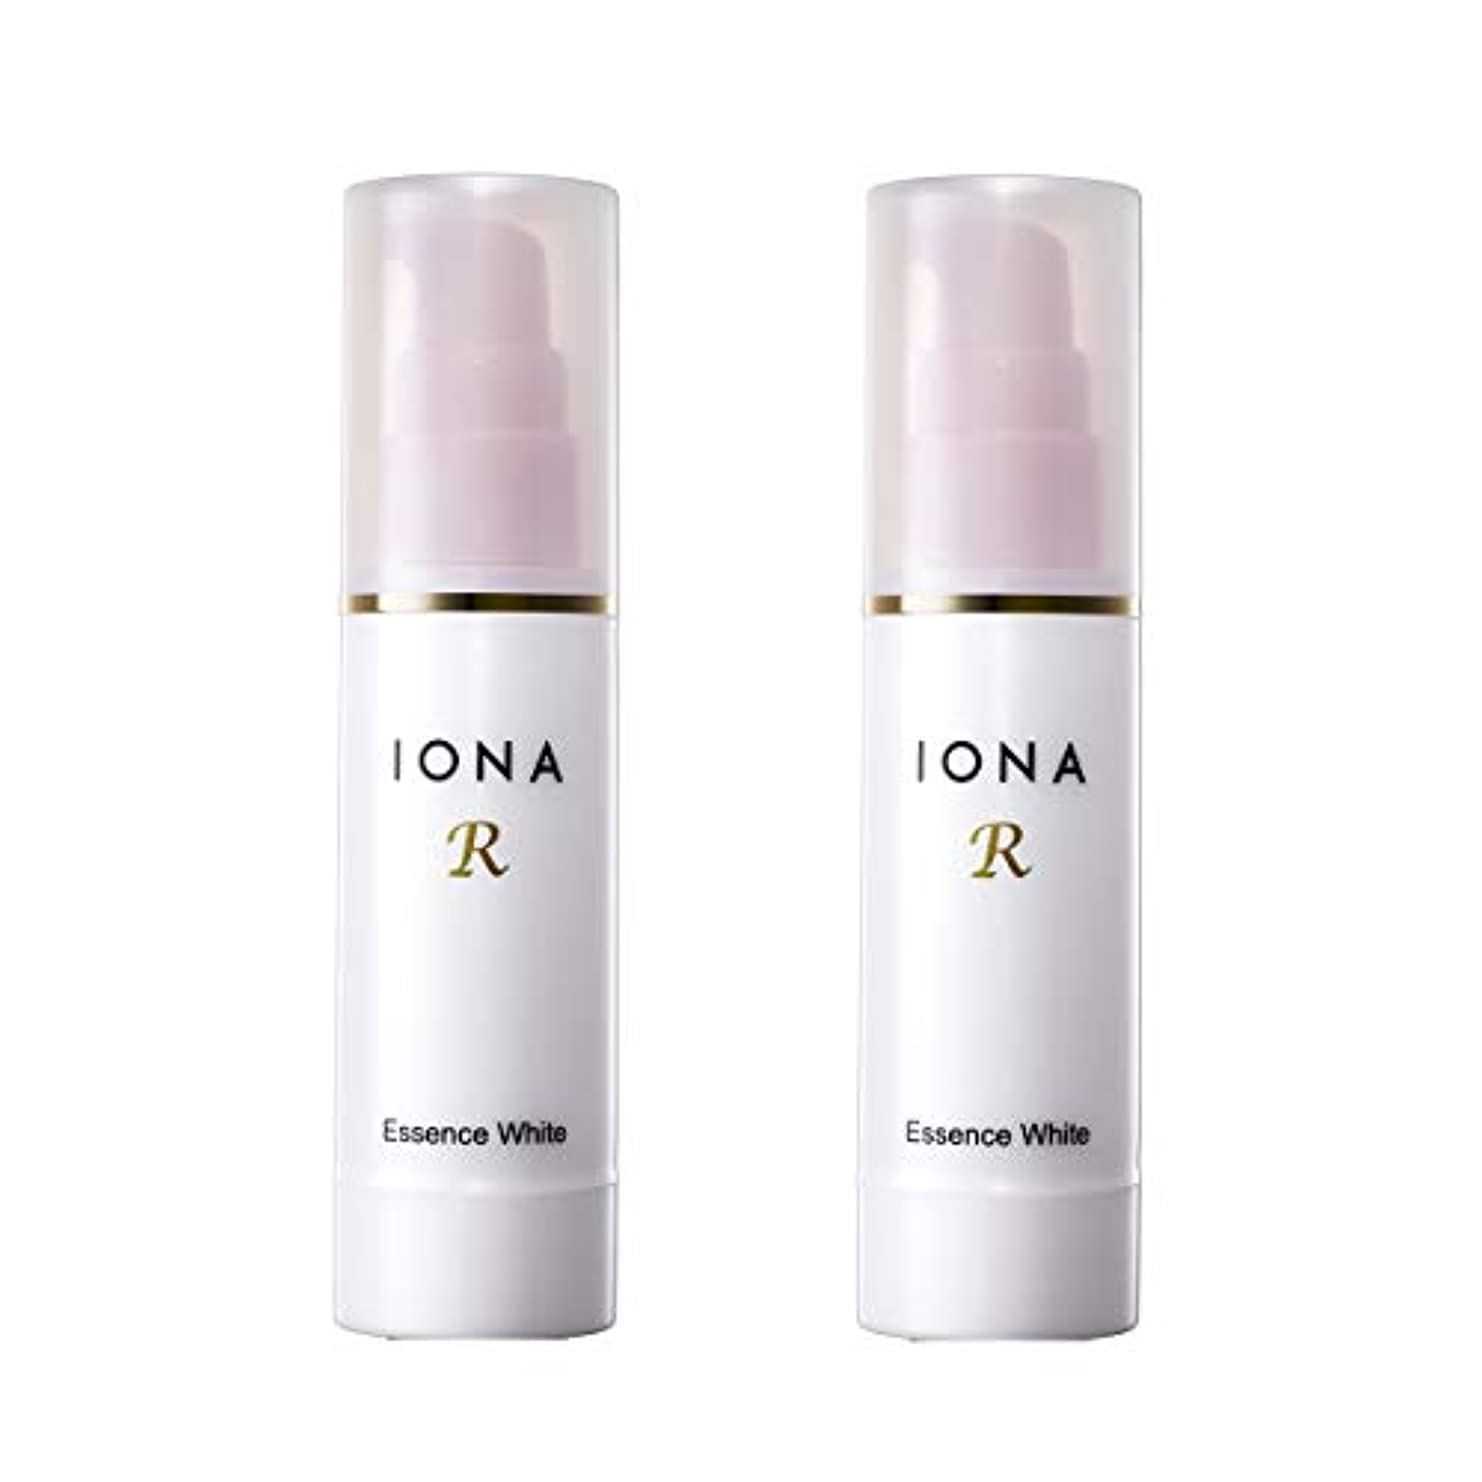 金貸し。ラケットイオナR エッセンスホワイト 美容液 2個セット 【通常価格より20%OFF】高機能ビタミンC配合美容液 IONA R イオナアール イオナのビタミンC